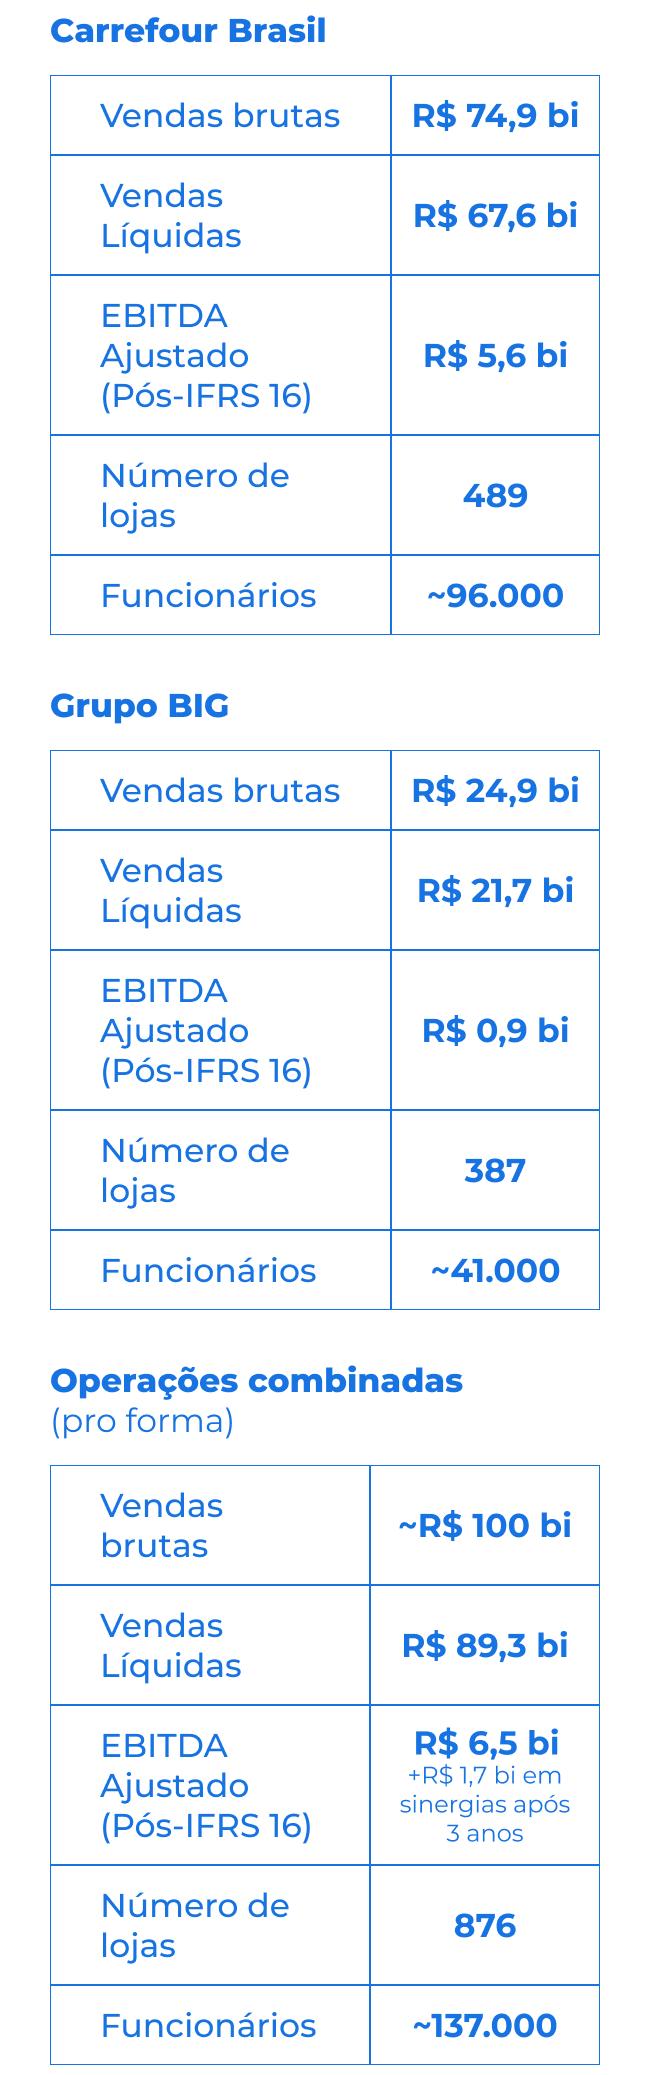 PRINCIPAIS INDICADORES 2020 Carrefour Brasil e Big.